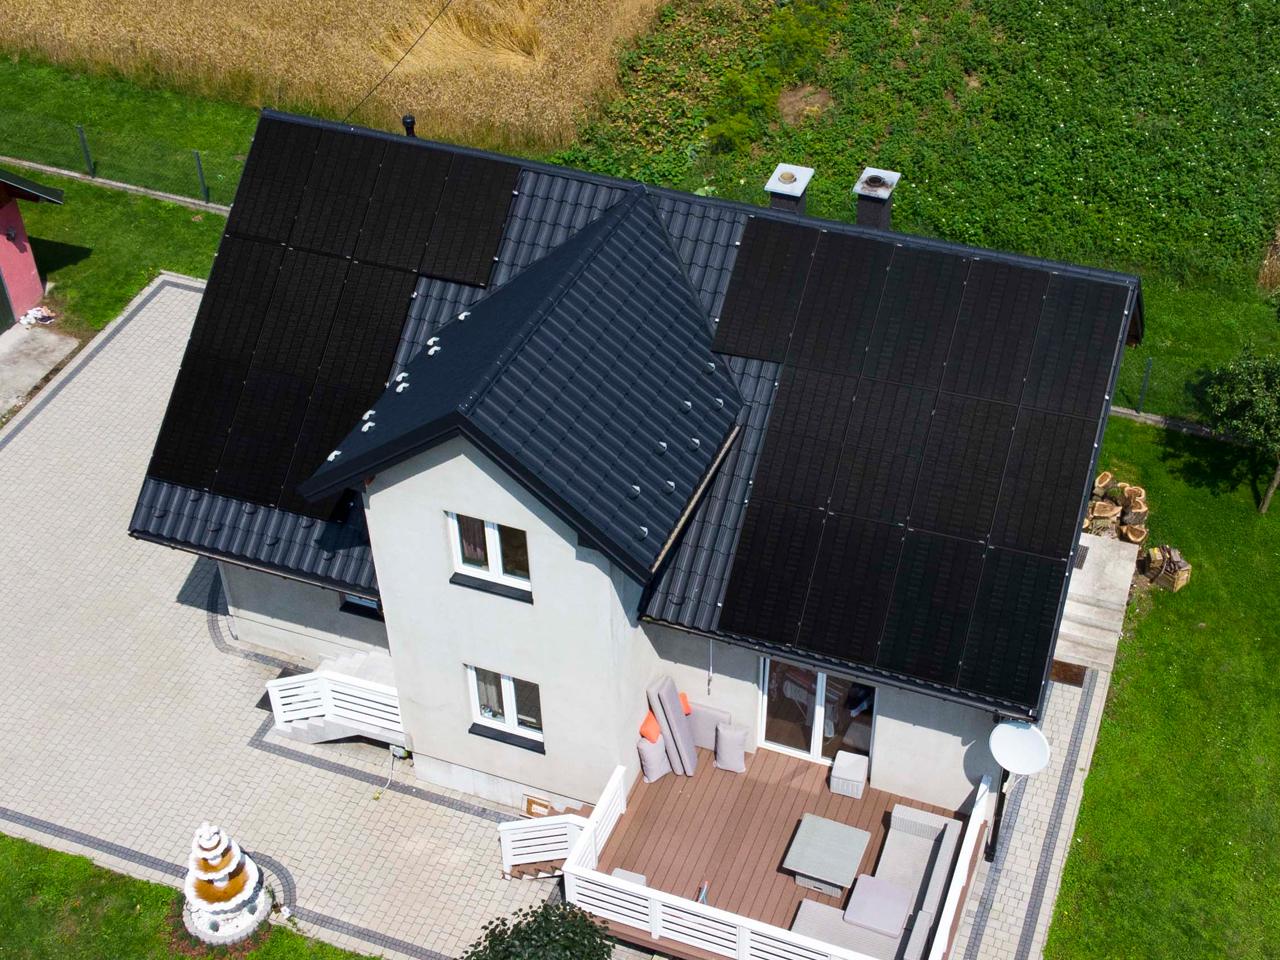 instalacja-fotowoltaiczna-foto-instal-montaz-paneli-slonecznych-debno-brzesko-tarnow-krakow-rzeszow-debica-nowy-sacz-malopolska-podkarpacie-longi-solar-sofar-fronius-huawei (50)